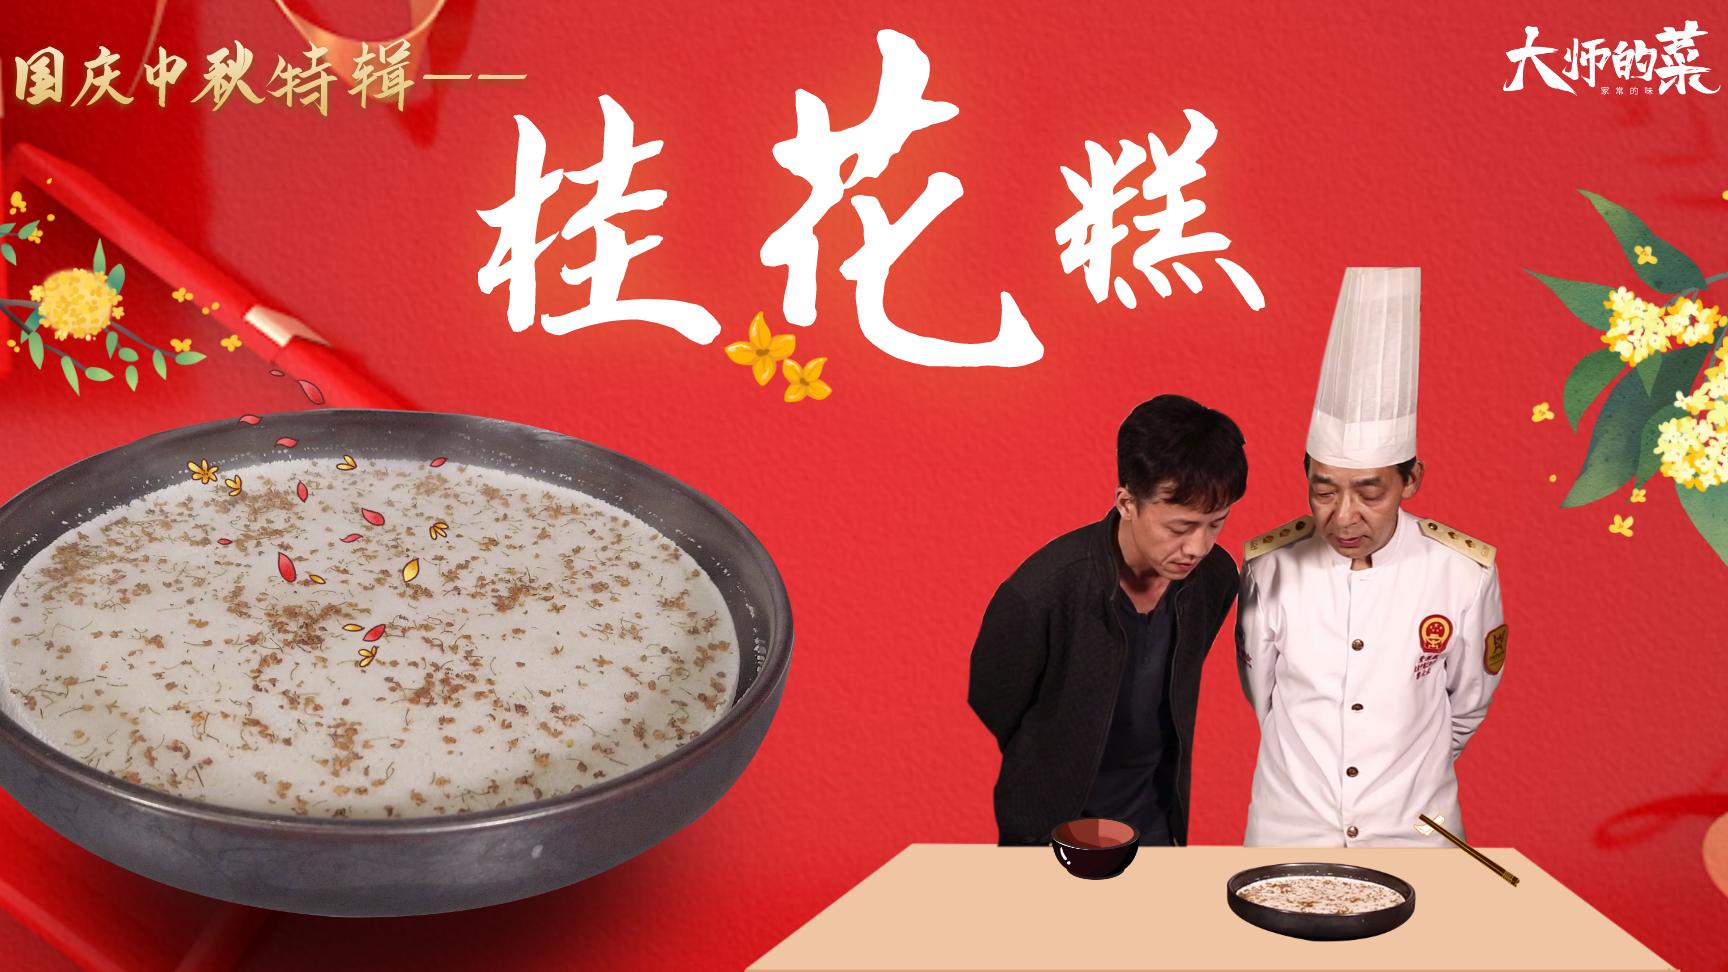 【大师的菜•国庆特辑】自制桂花糕,材料做法非常简单,没烤箱也能做!